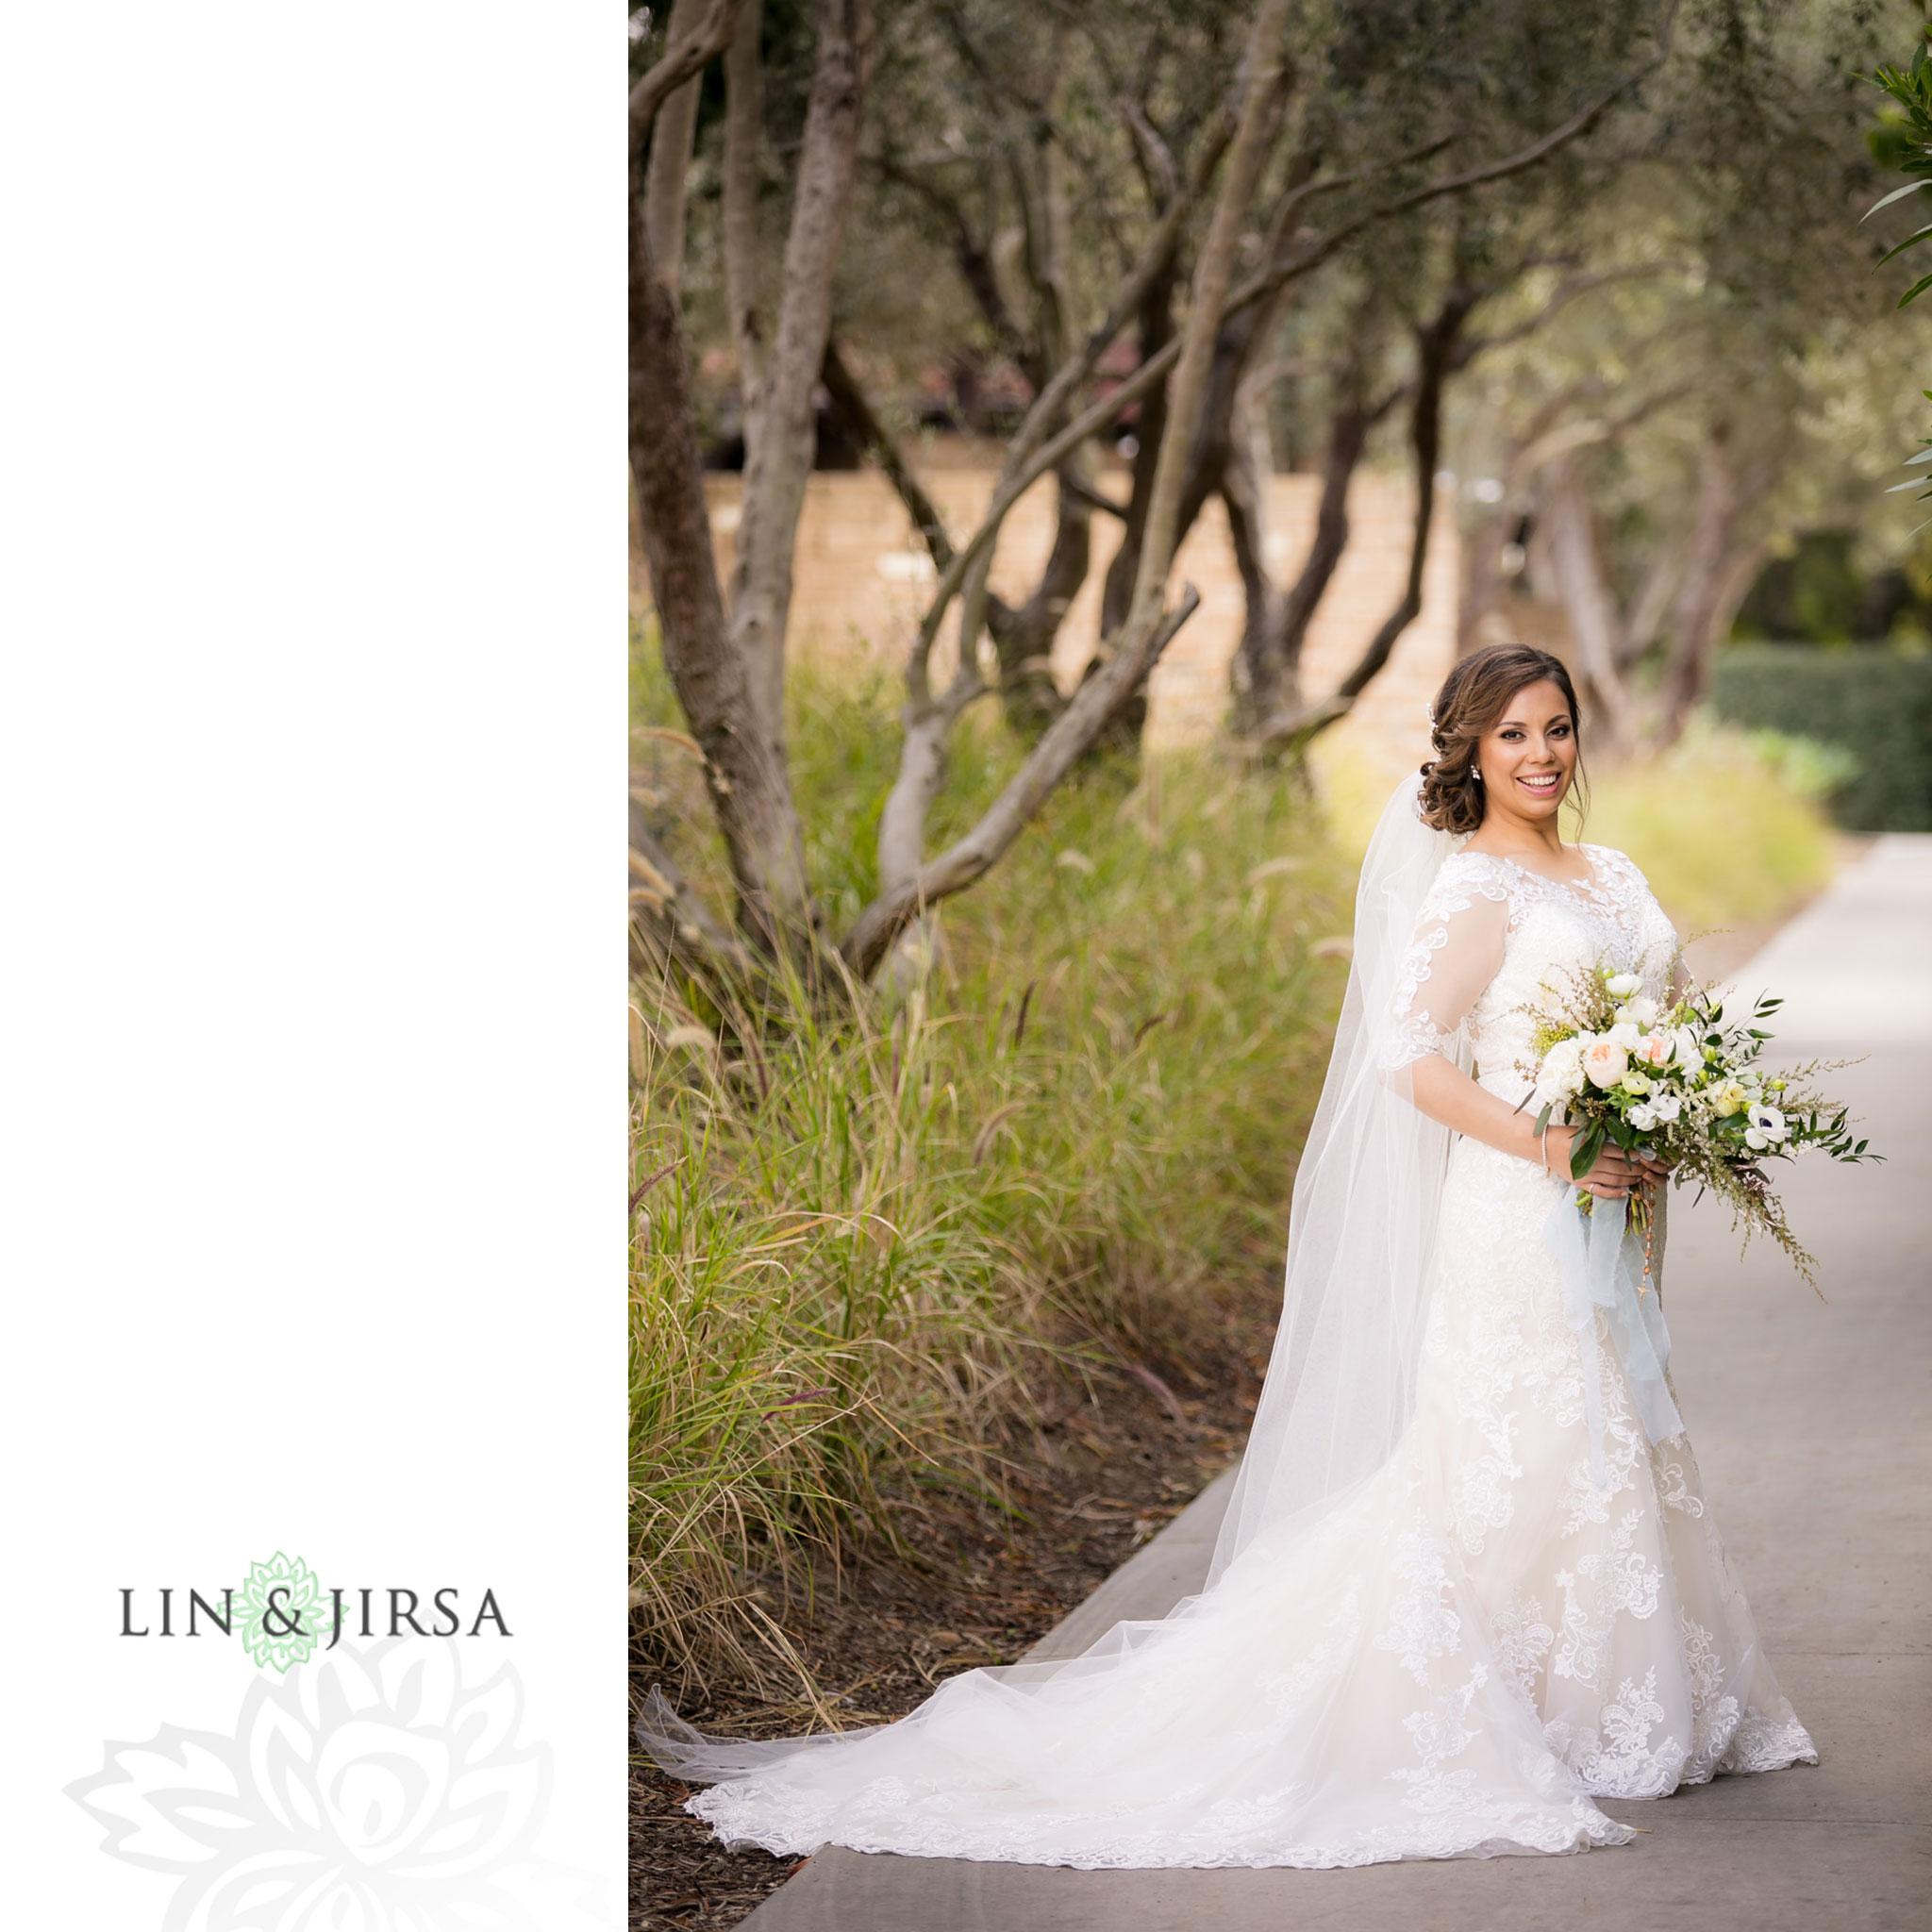 06 estancia la jolla hotel and spa bride wedding photography